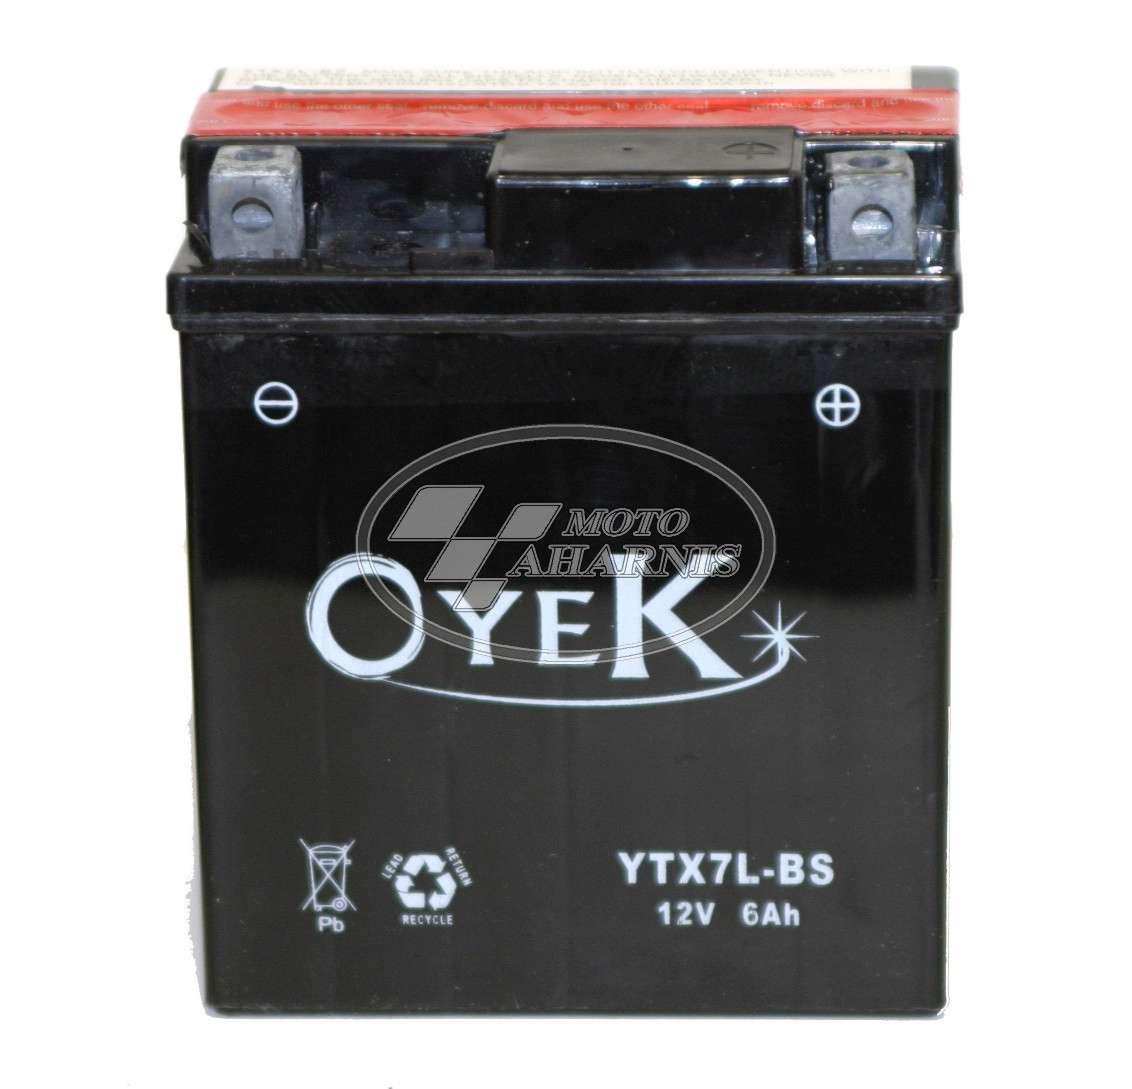 ΜΠΑΤΑΡΙΑ OYEK YTX7L-BS